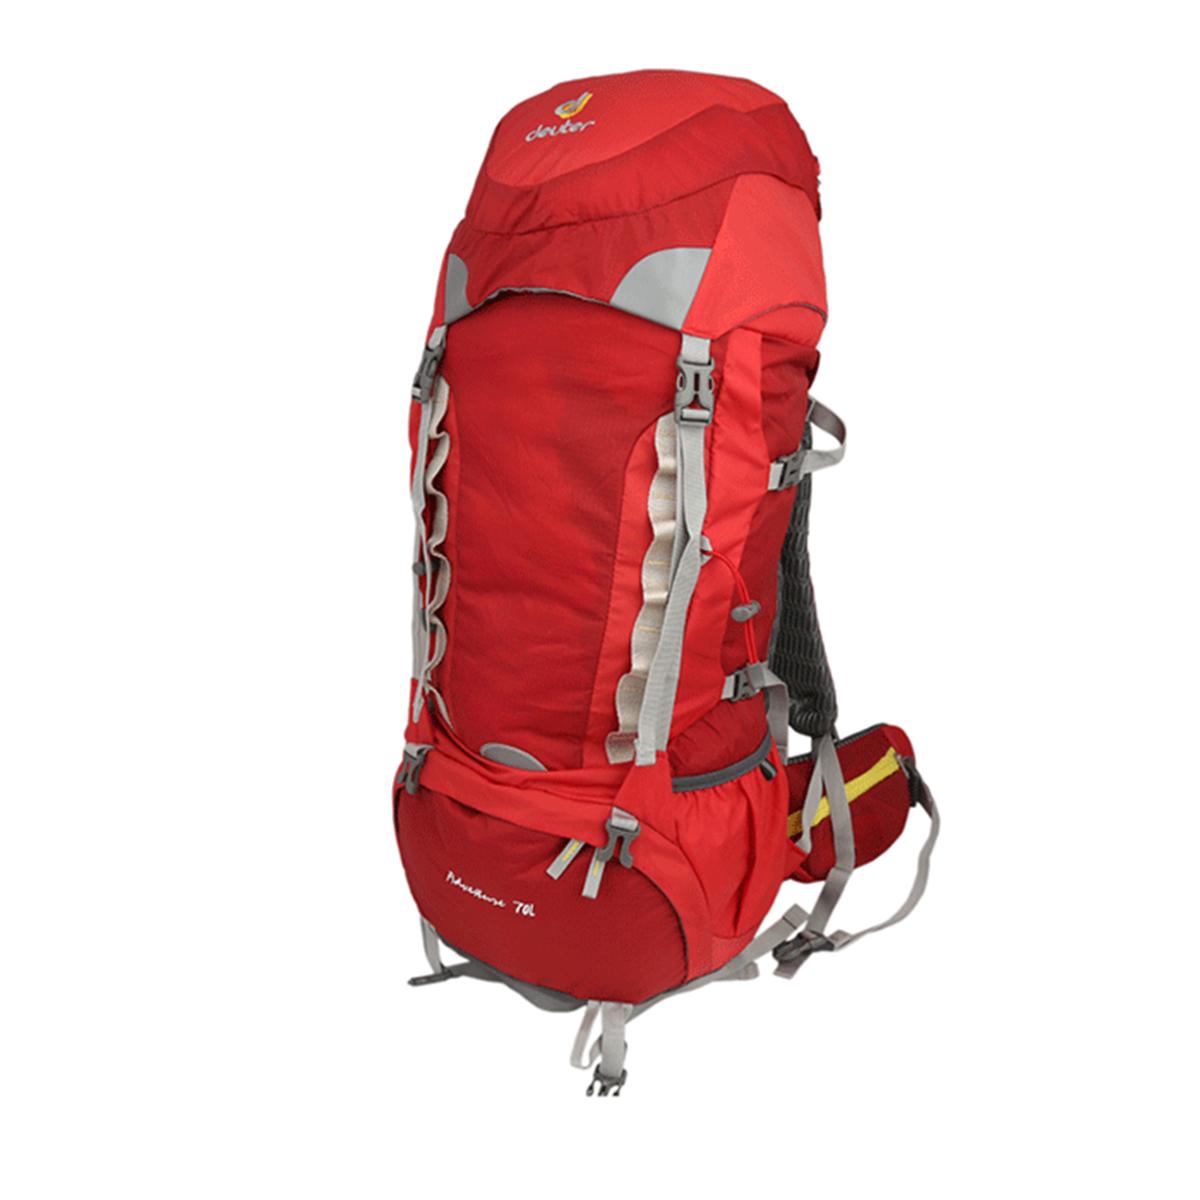 خرید                                      کوله پشتی کوهنوردی 70 لیتری کد 2024                     غیر اصل